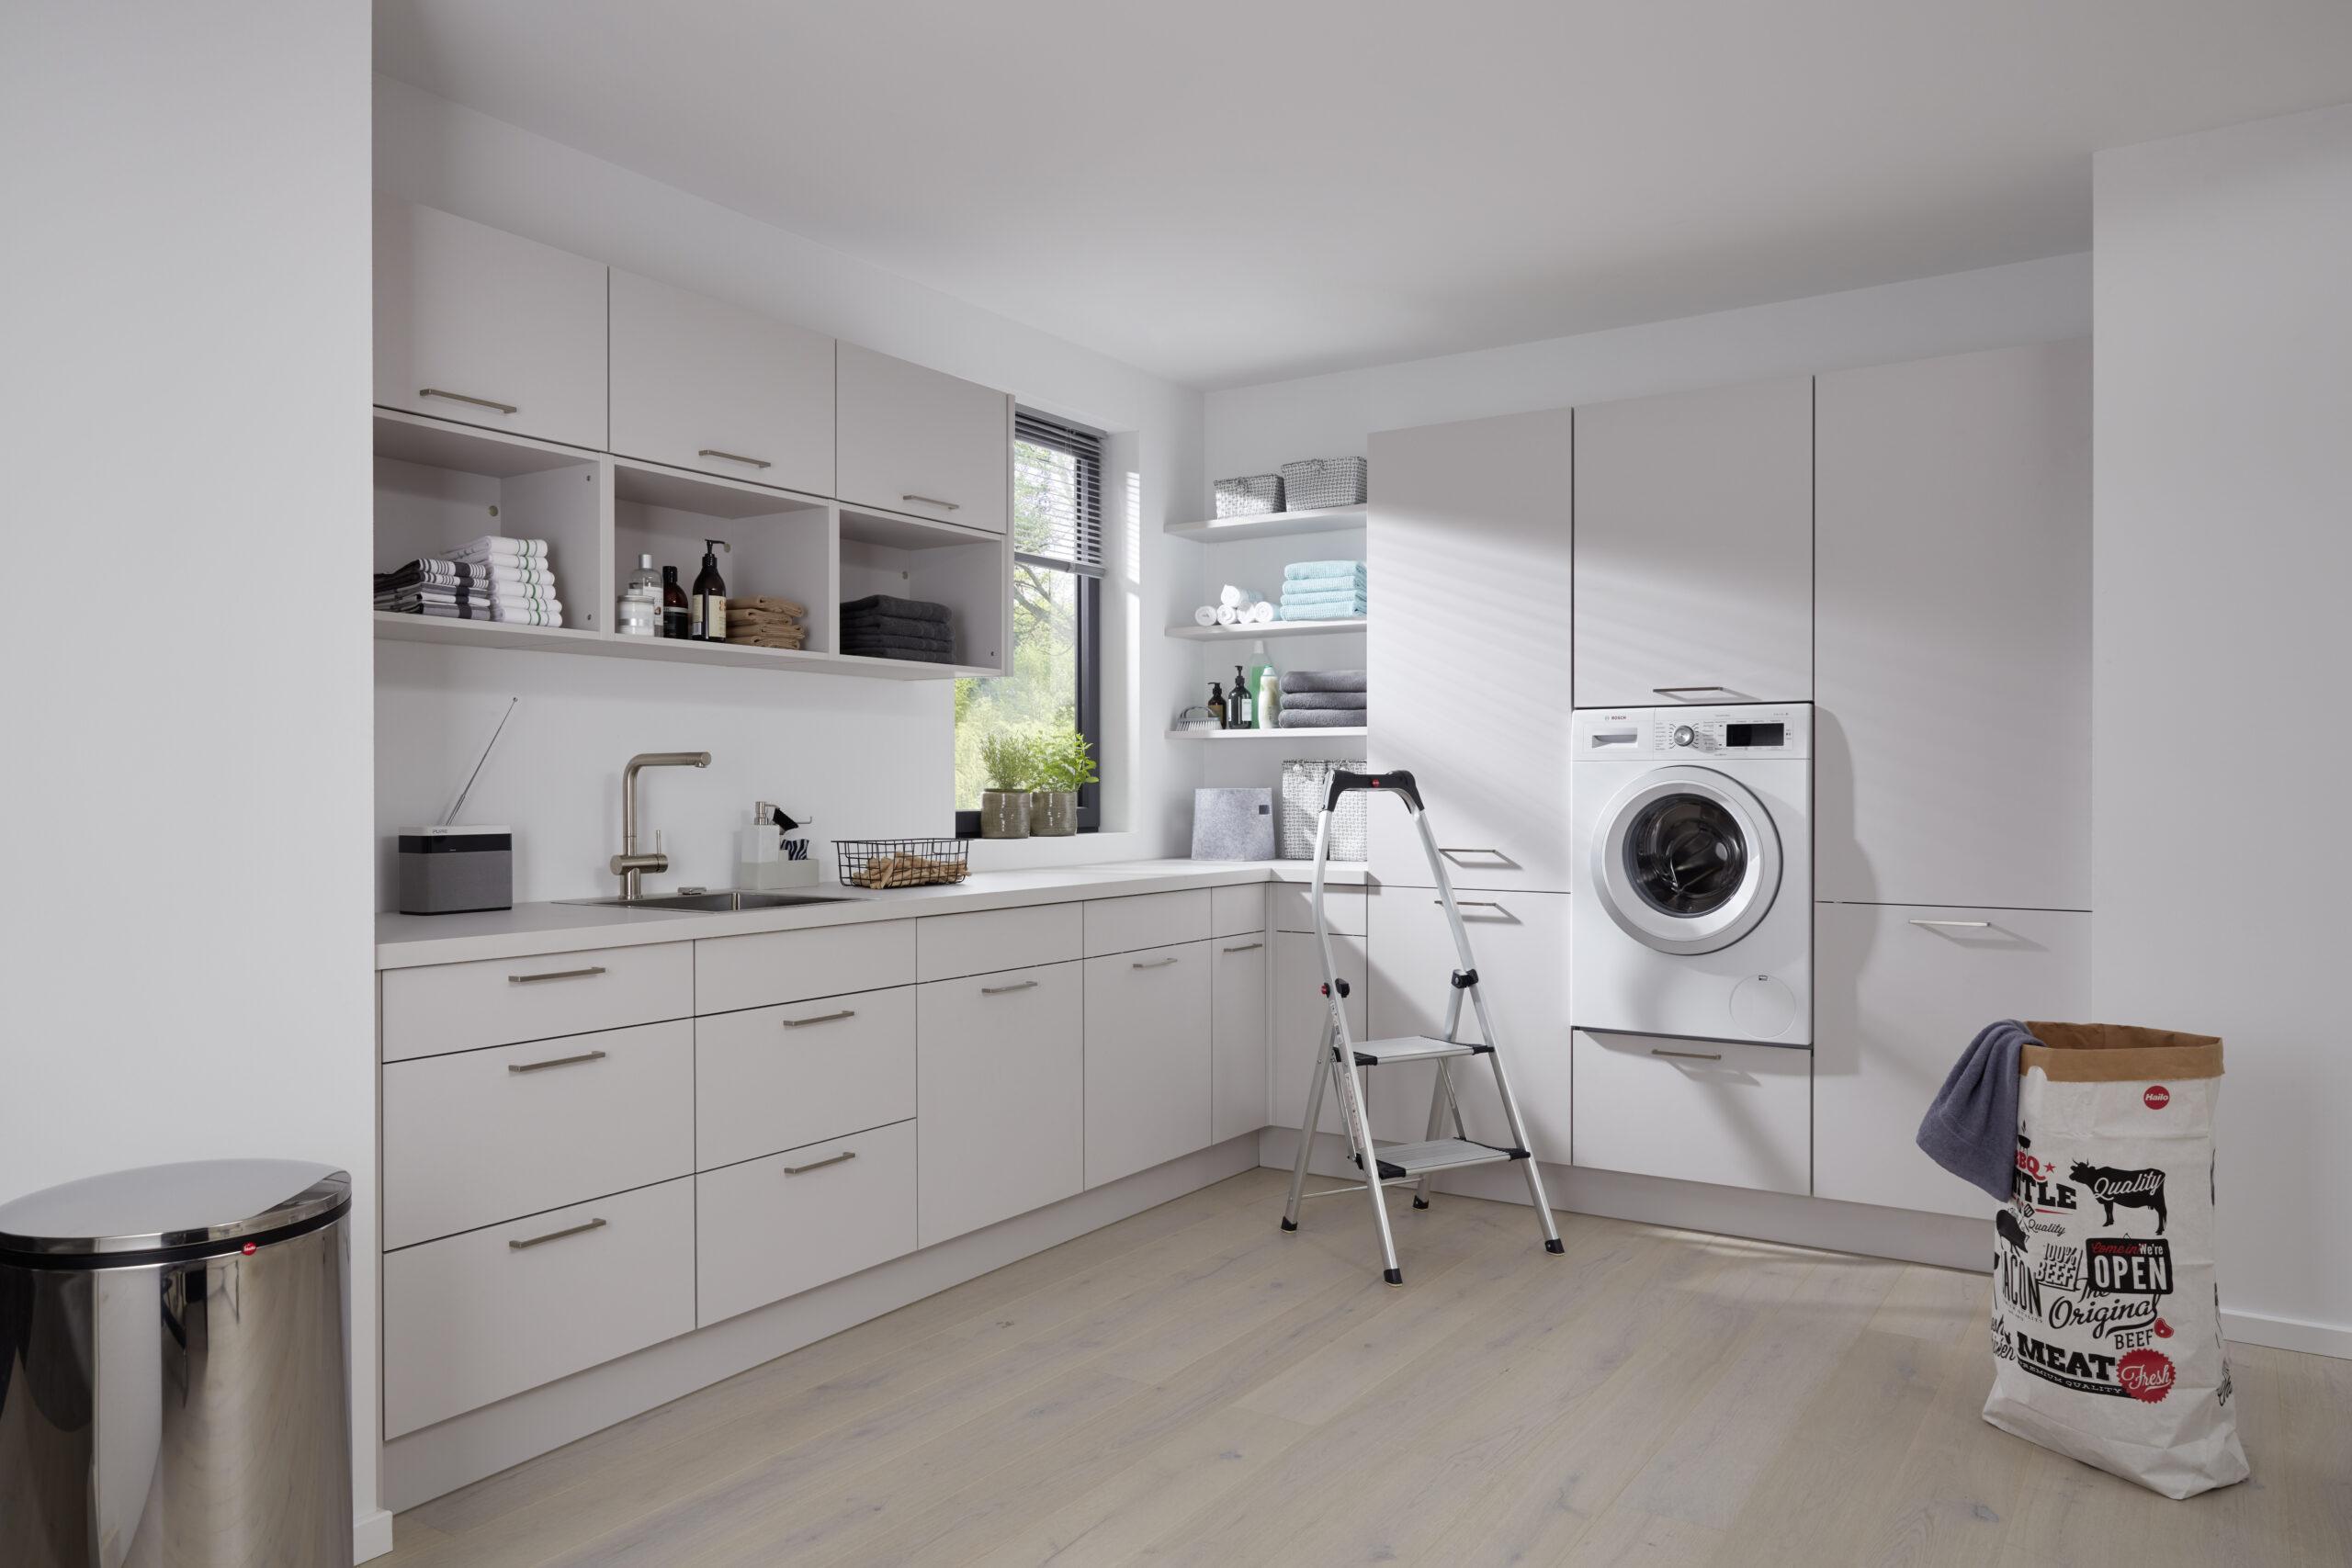 Full Size of Küchenzeile Mit Waschmaschine Einen Hauswirtschaftsraum Planen Und Praktisch Einrichten Kcheco Küche Elektrogeräten Günstig Bett Schreibtisch Stauraum Wohnzimmer Küchenzeile Mit Waschmaschine